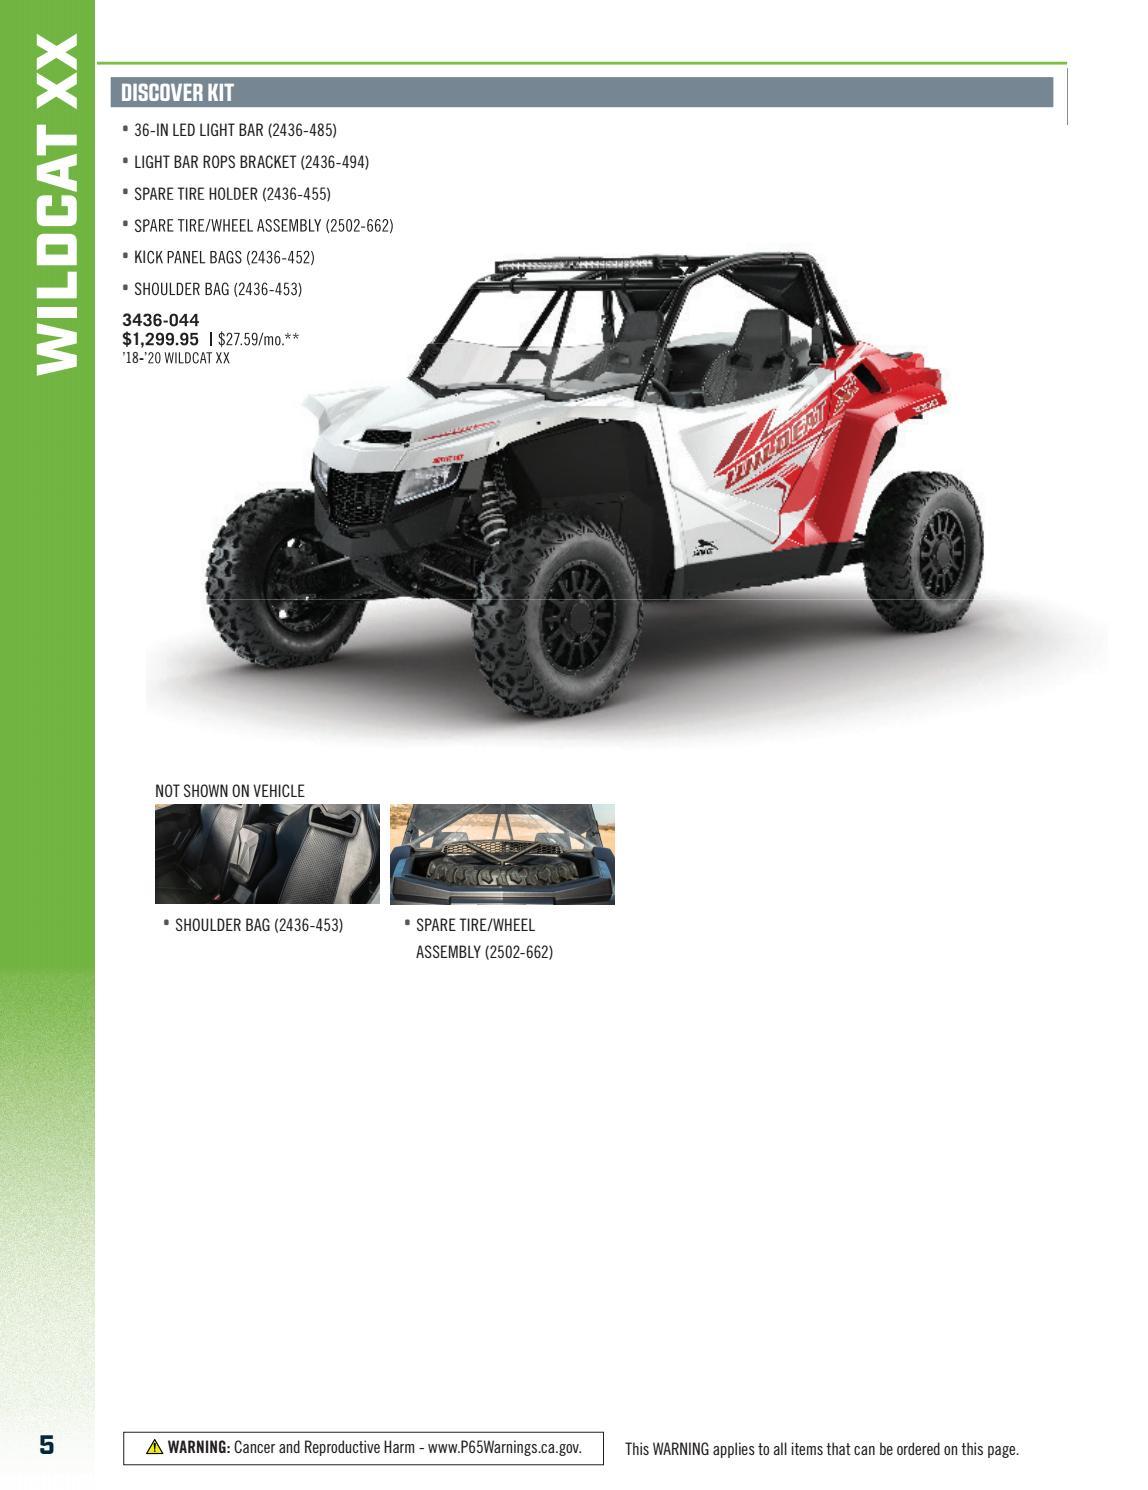 Wildcat XX Shoulder Bag 2436-453